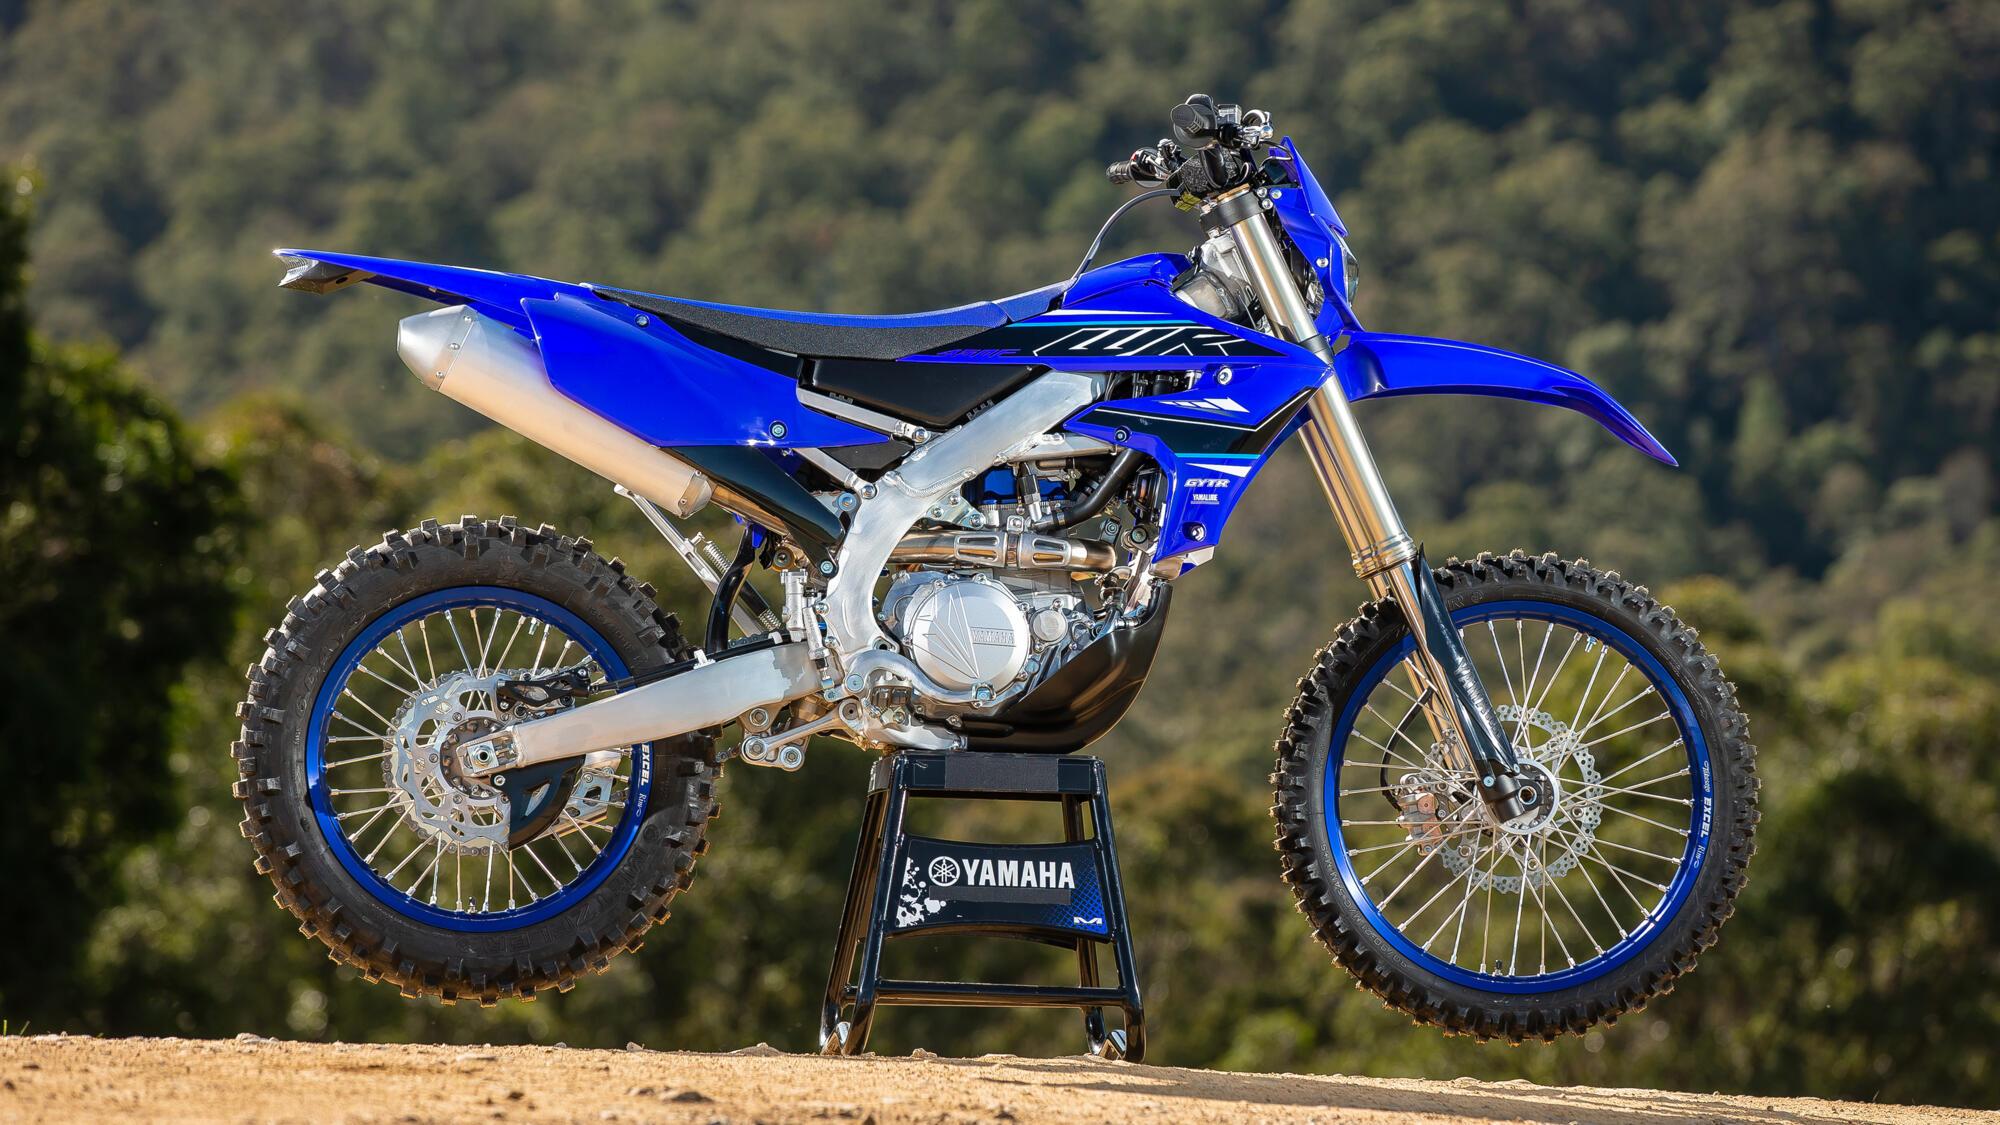 2021 Yamaha WR450F